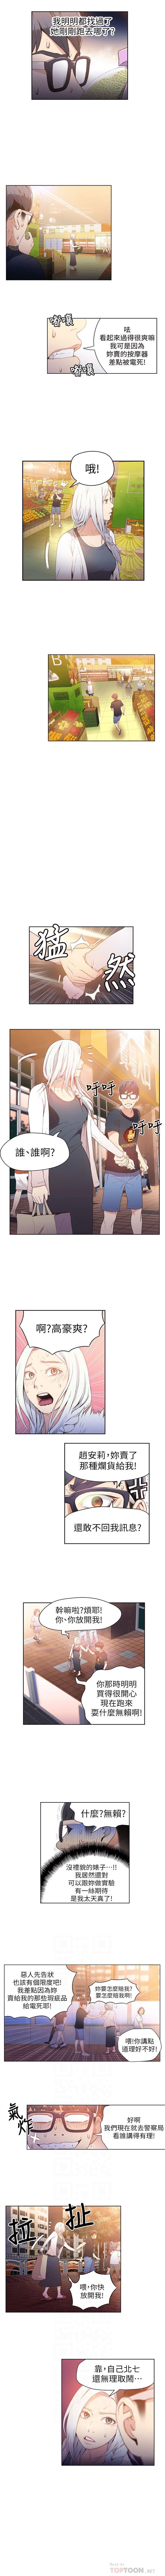 (周7)超导体鲁蛇(超级吸引力) 1-17 中文翻译(更新中) 45